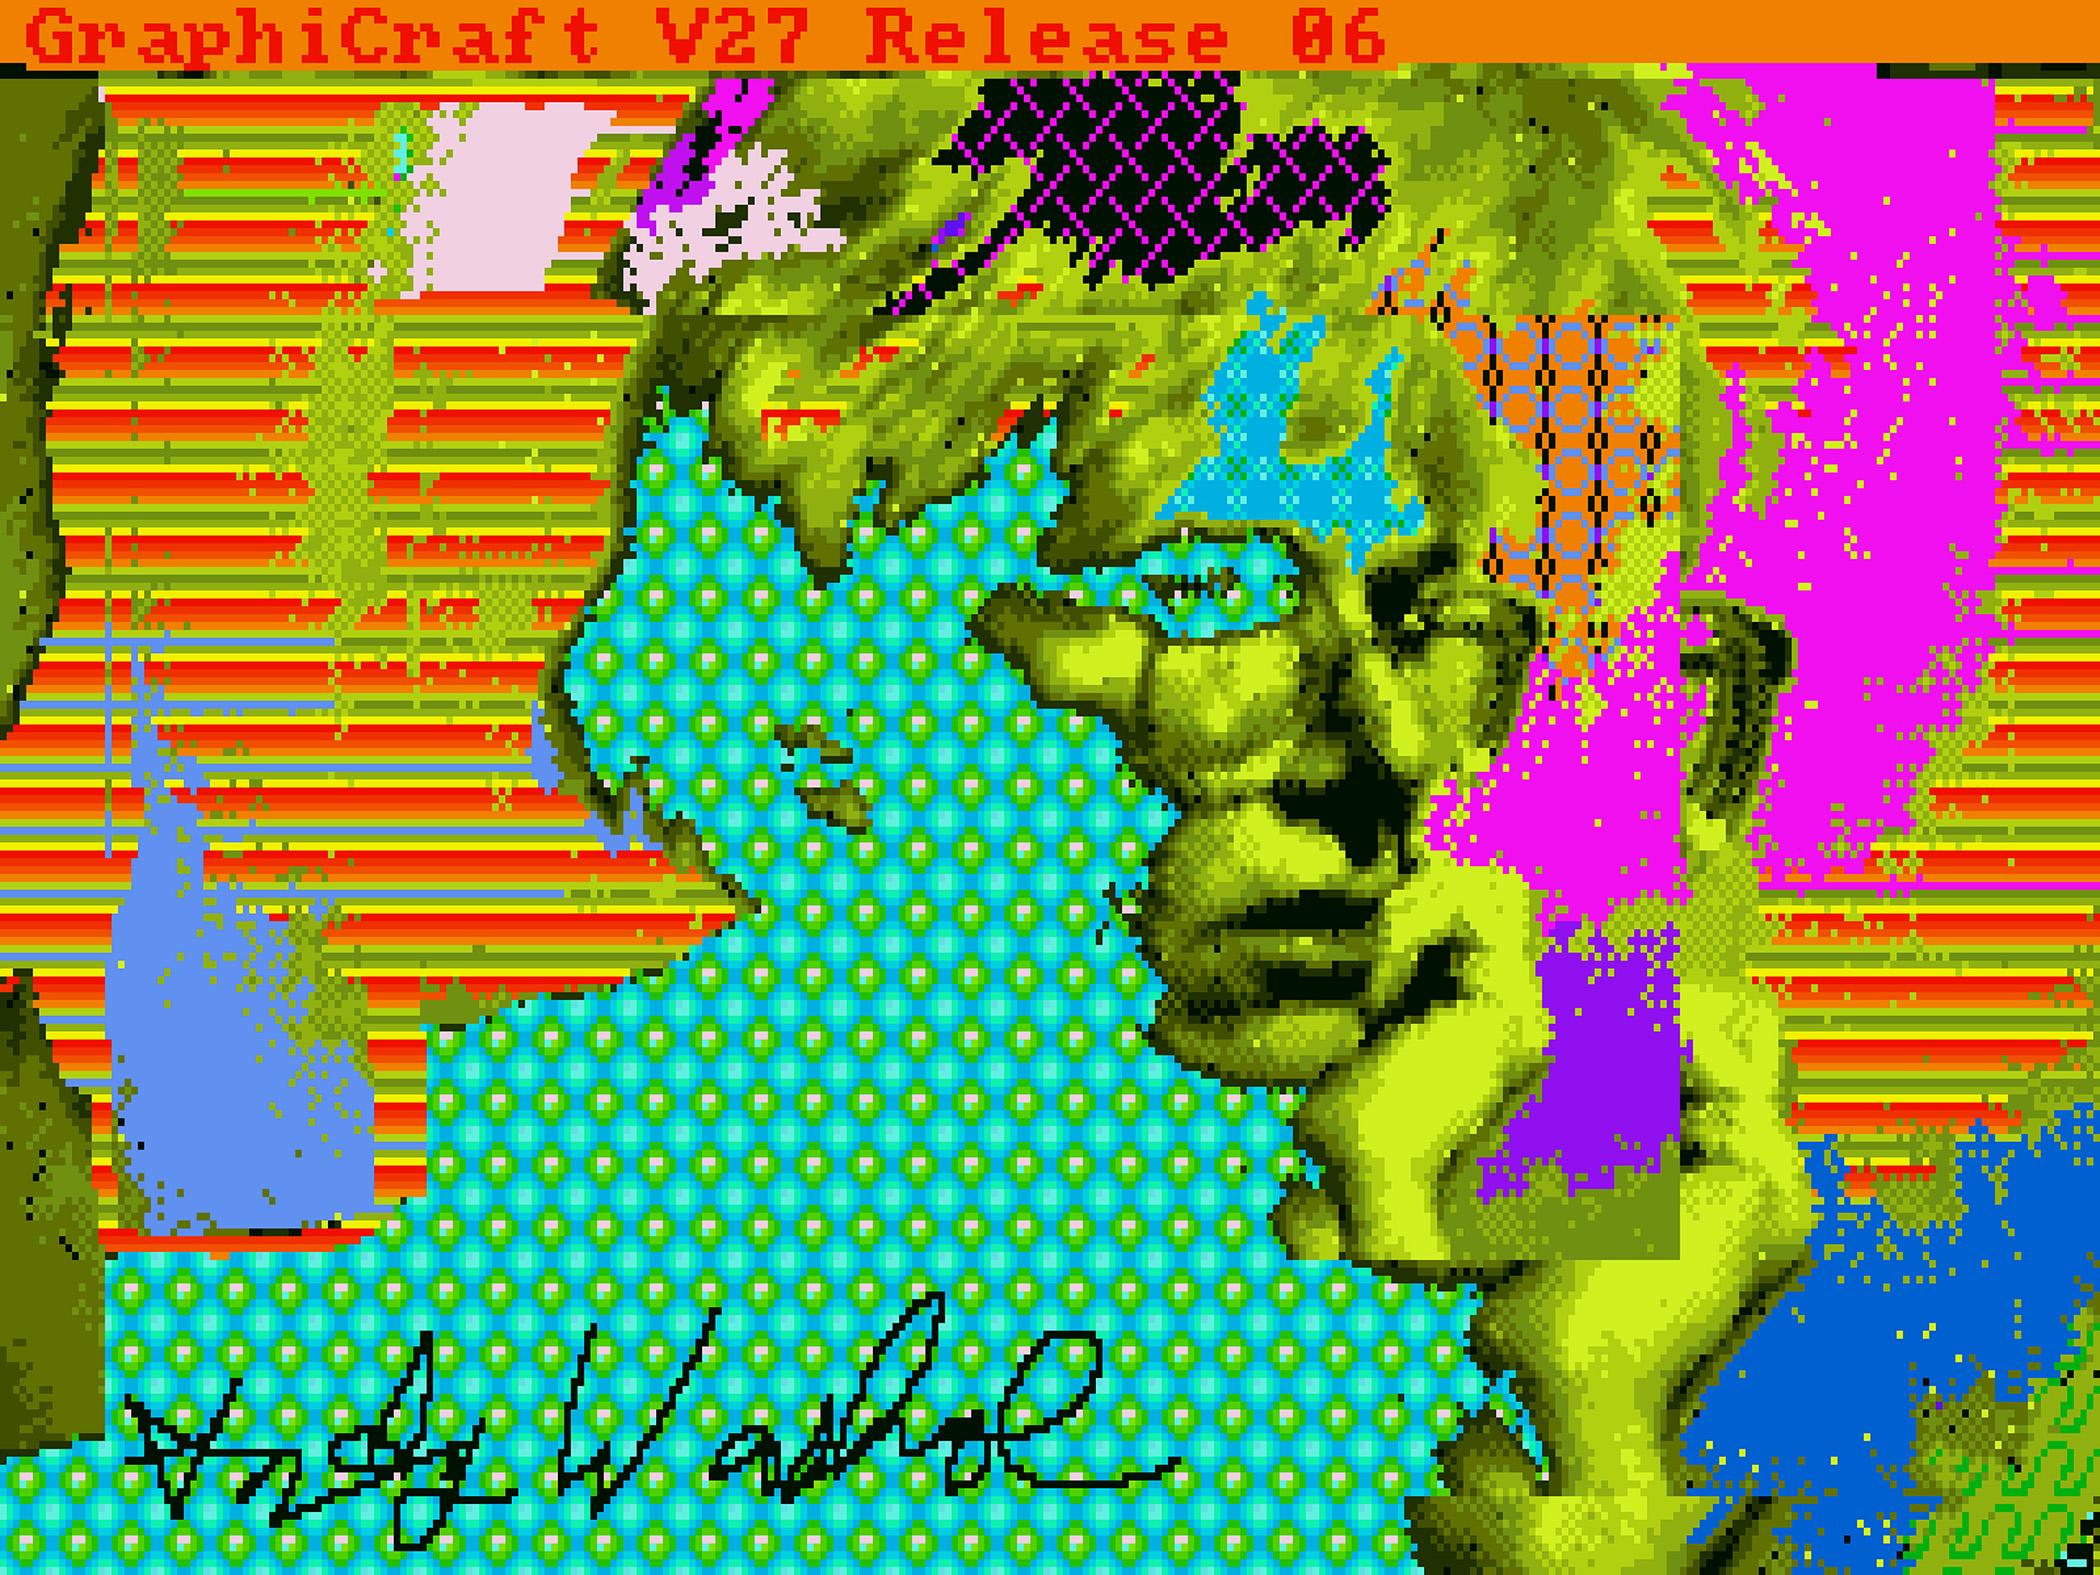 Картины Уорхола, спасенные со старых дискет